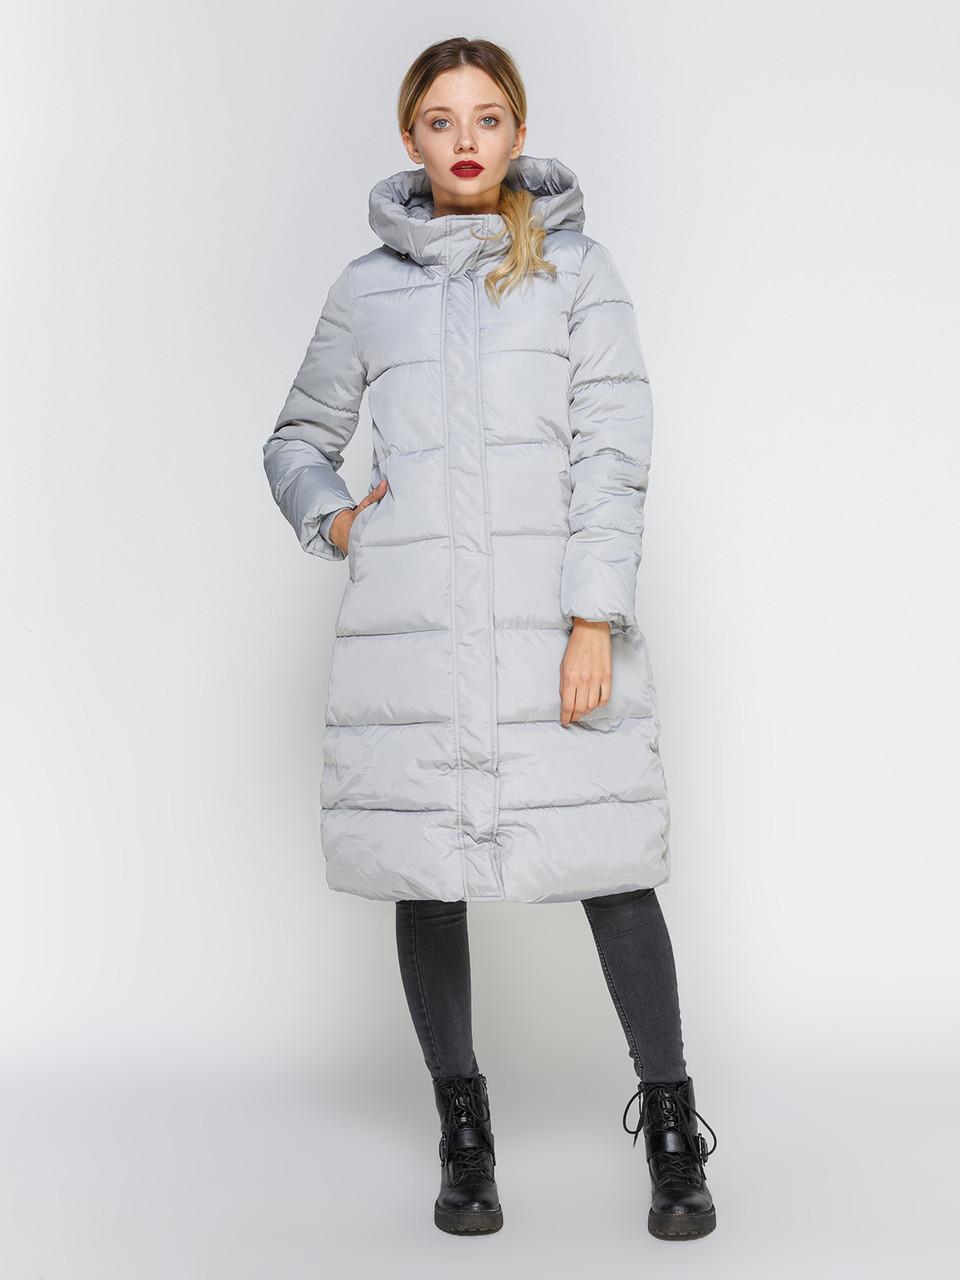 Куртка зимова жіноча сіра, довгий пуховик розмір 44 (XL) СС-8498-75